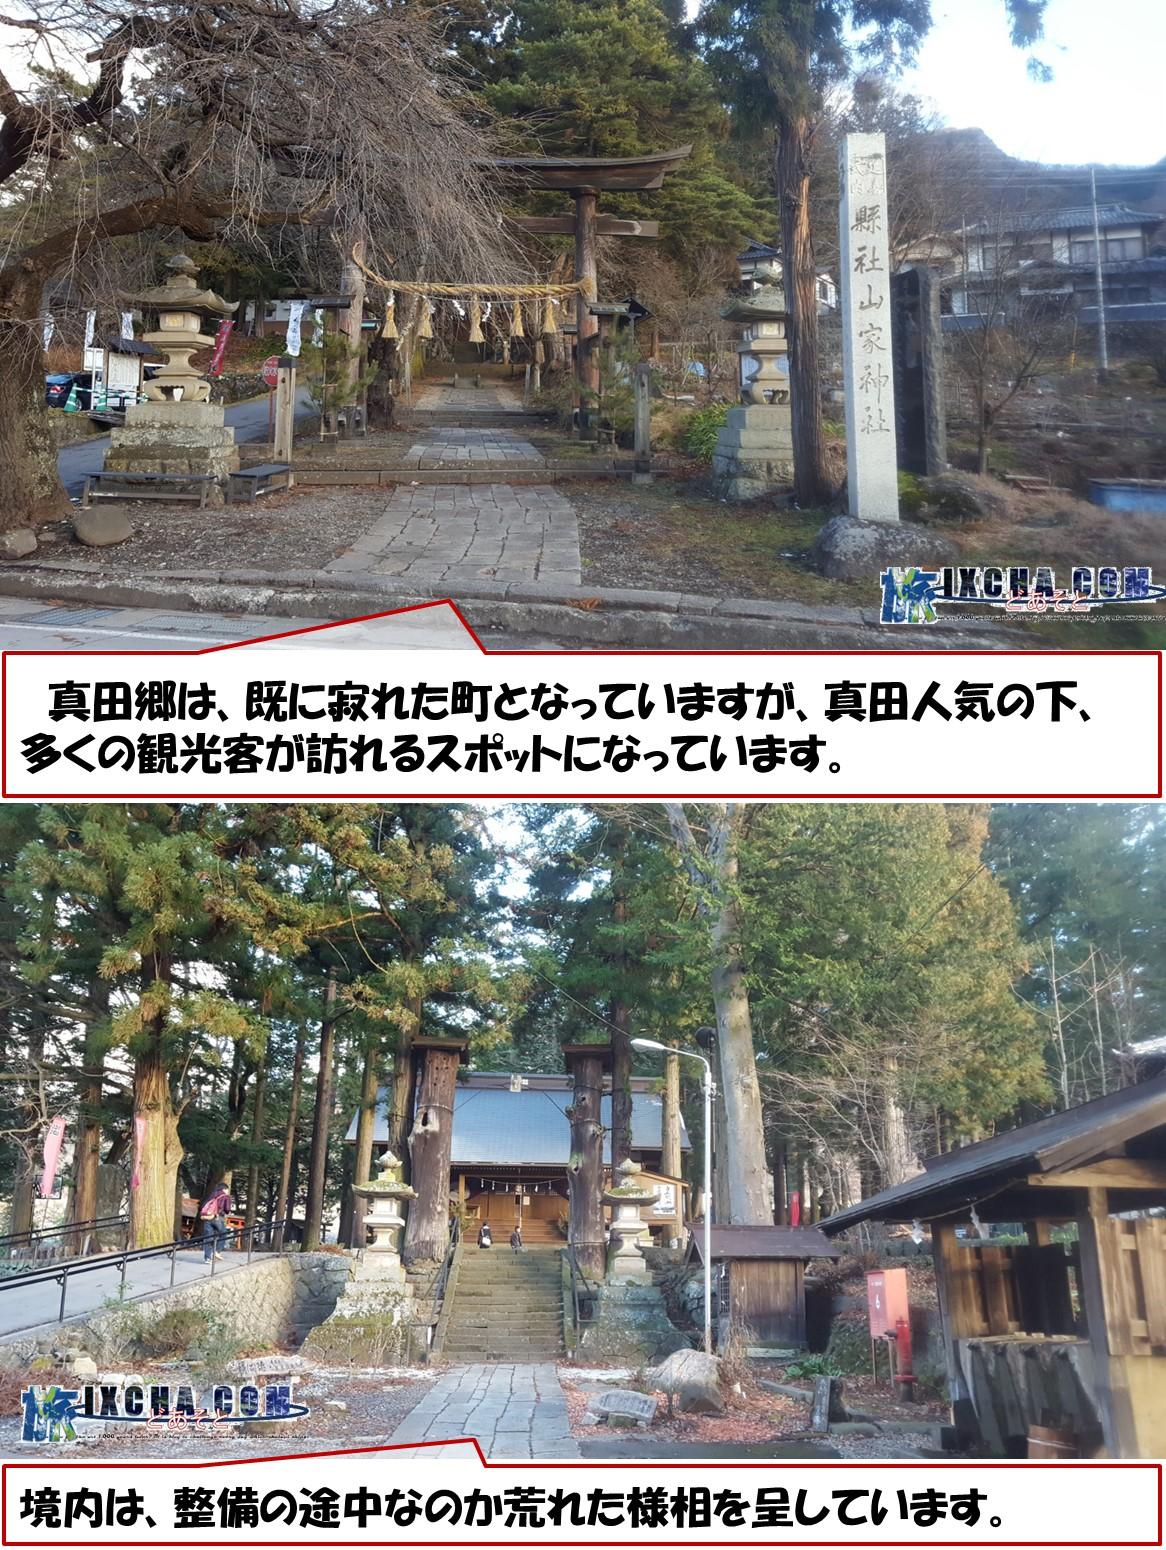 真田郷は、既に寂れた町となっていますが、真田人気の下、多くの観光客が訪れるスポットになっています。 境内は、整備の途中なのか荒れた様相を呈しています。